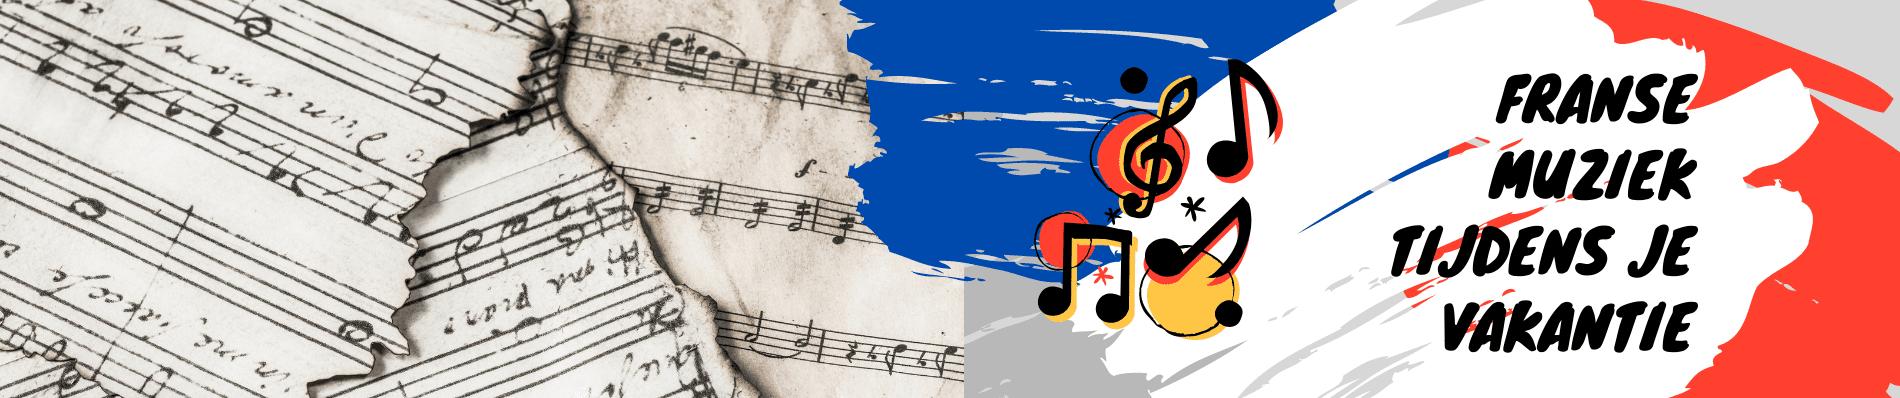 SPOTIFY muziek frankrijk radio vakantie